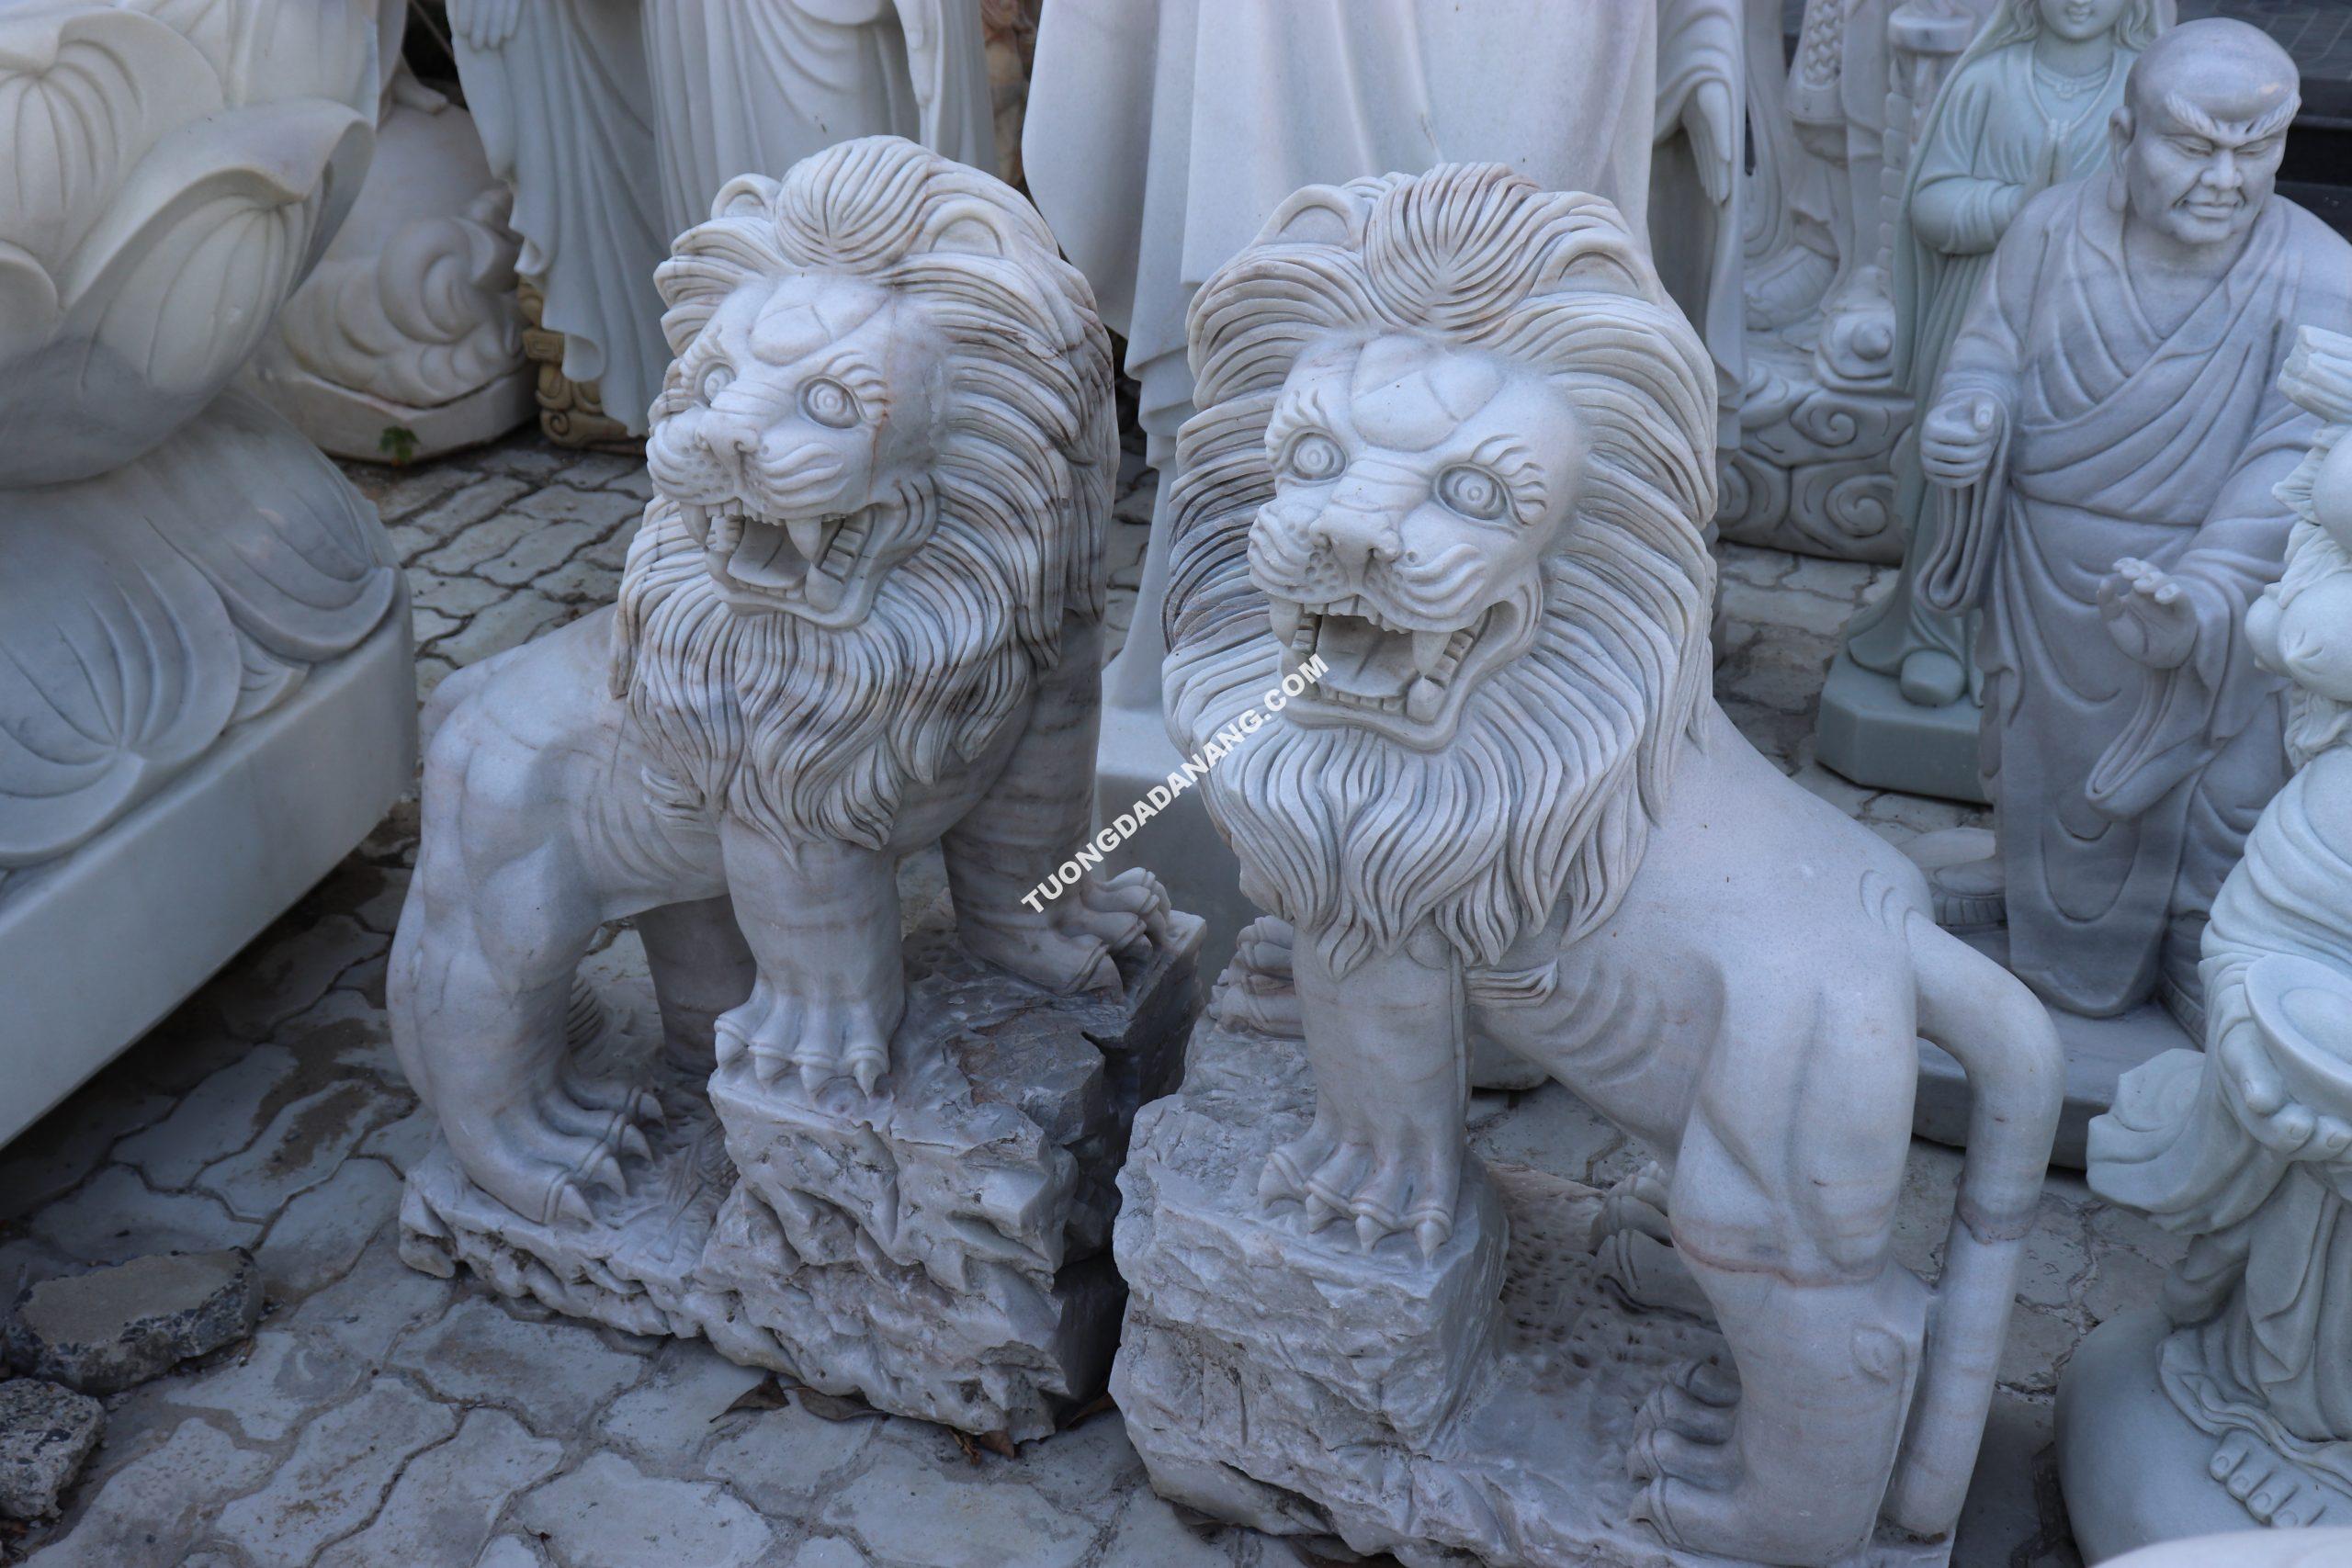 Tượng Sư Tử đá - Điêu khắc tượng đá mỹ nghệ non nước Đà Nẵng